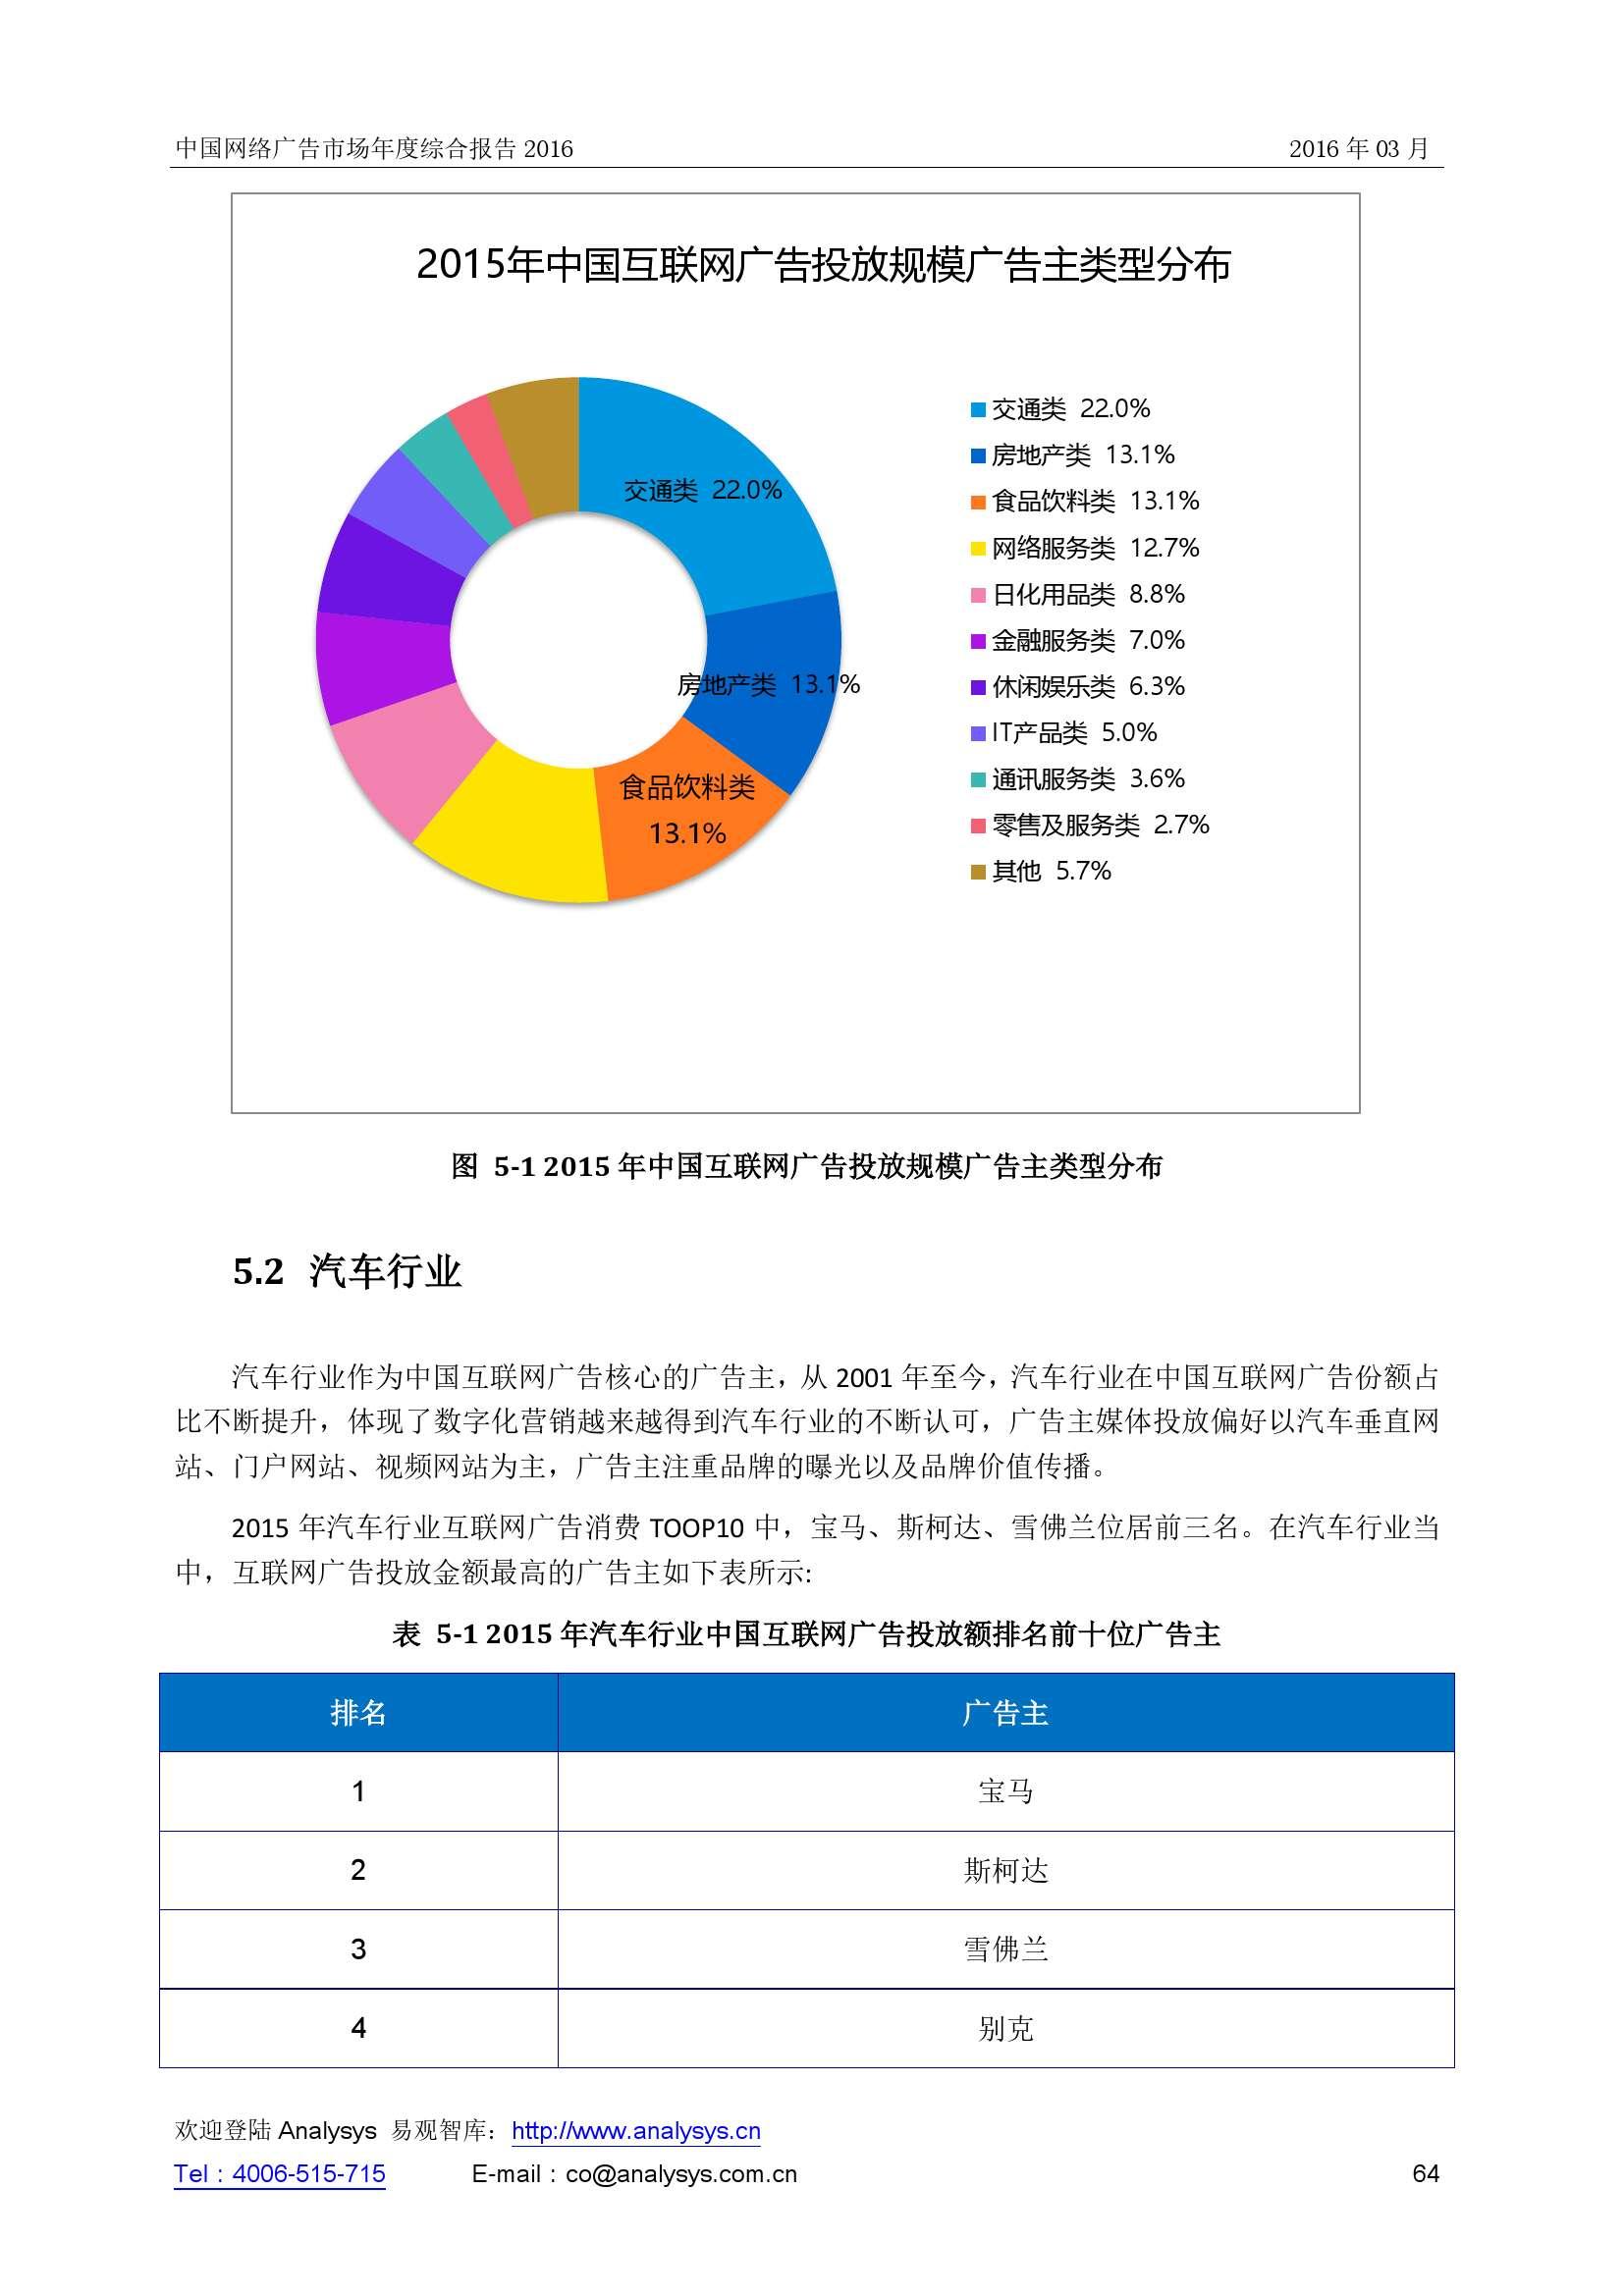 中国网络广告市场年度综合报告2016_000064